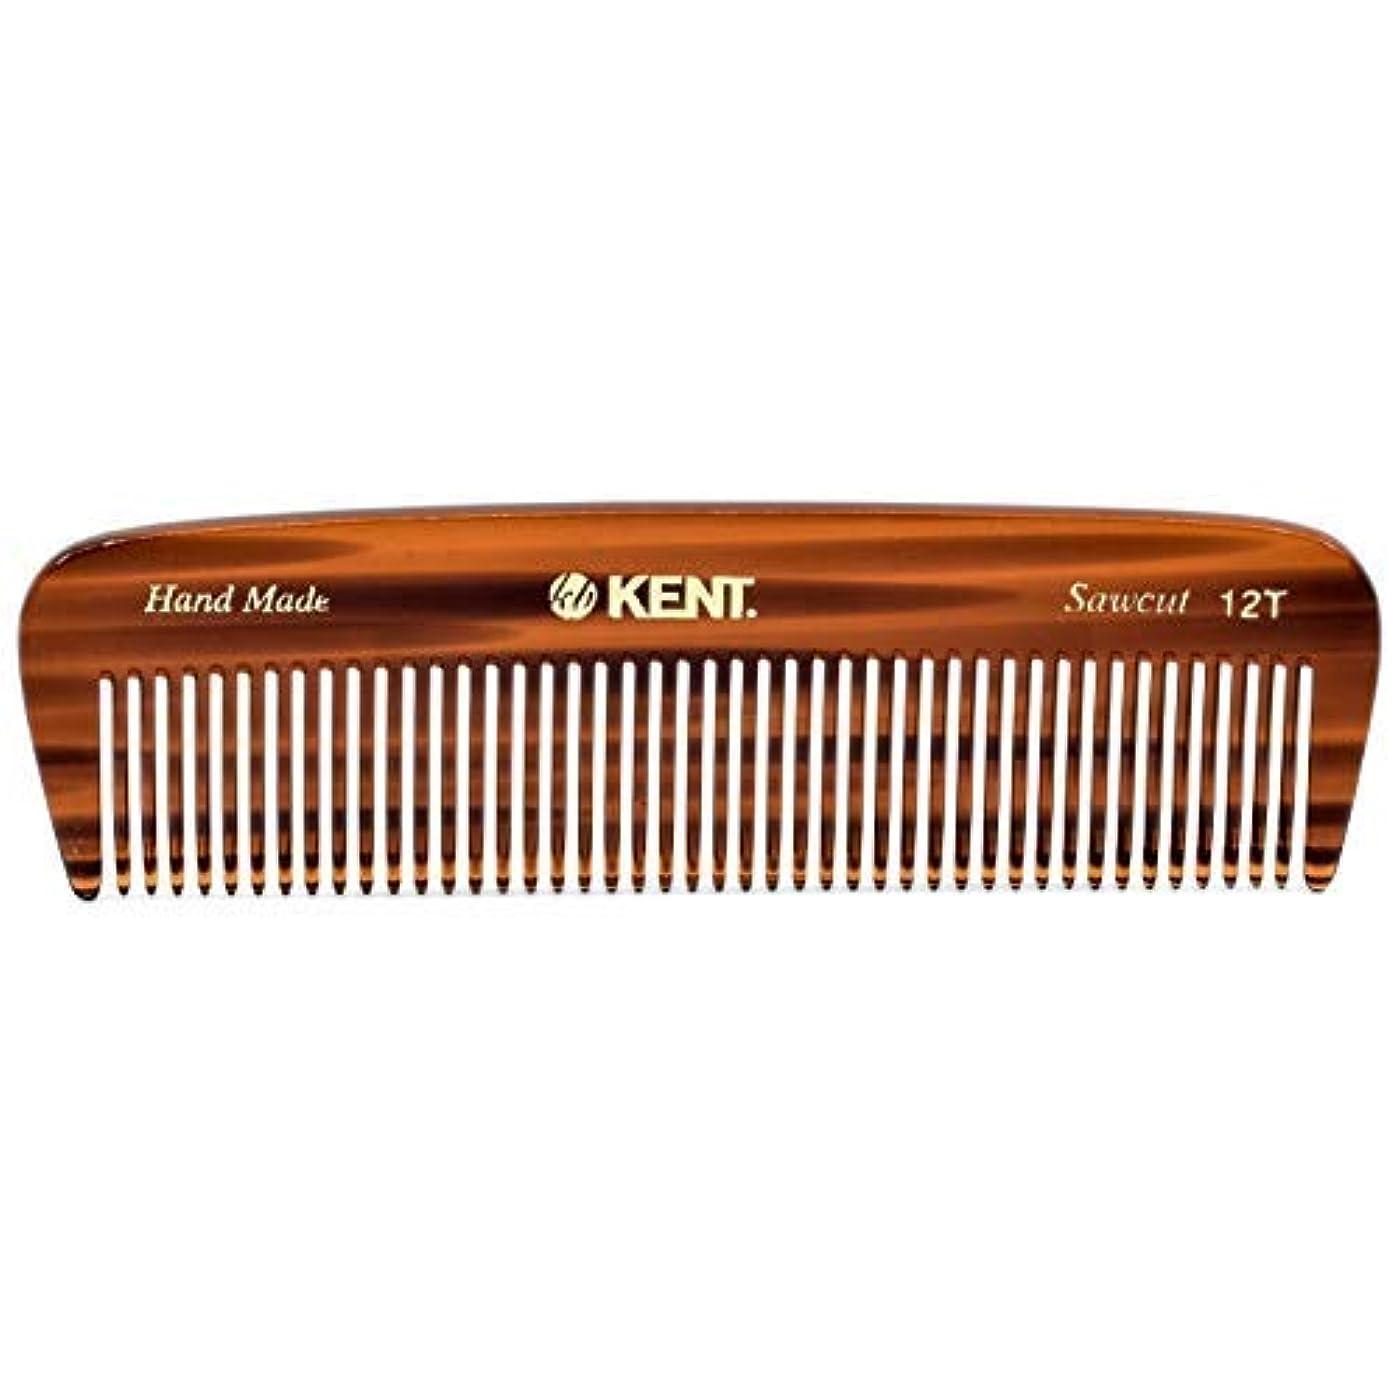 驚前進パイロットKent 12T Handmade Medium Size Teeth for Thick/Coarse Hair Comb for Men/Women - For Grooming, Styling, and Detangling (5